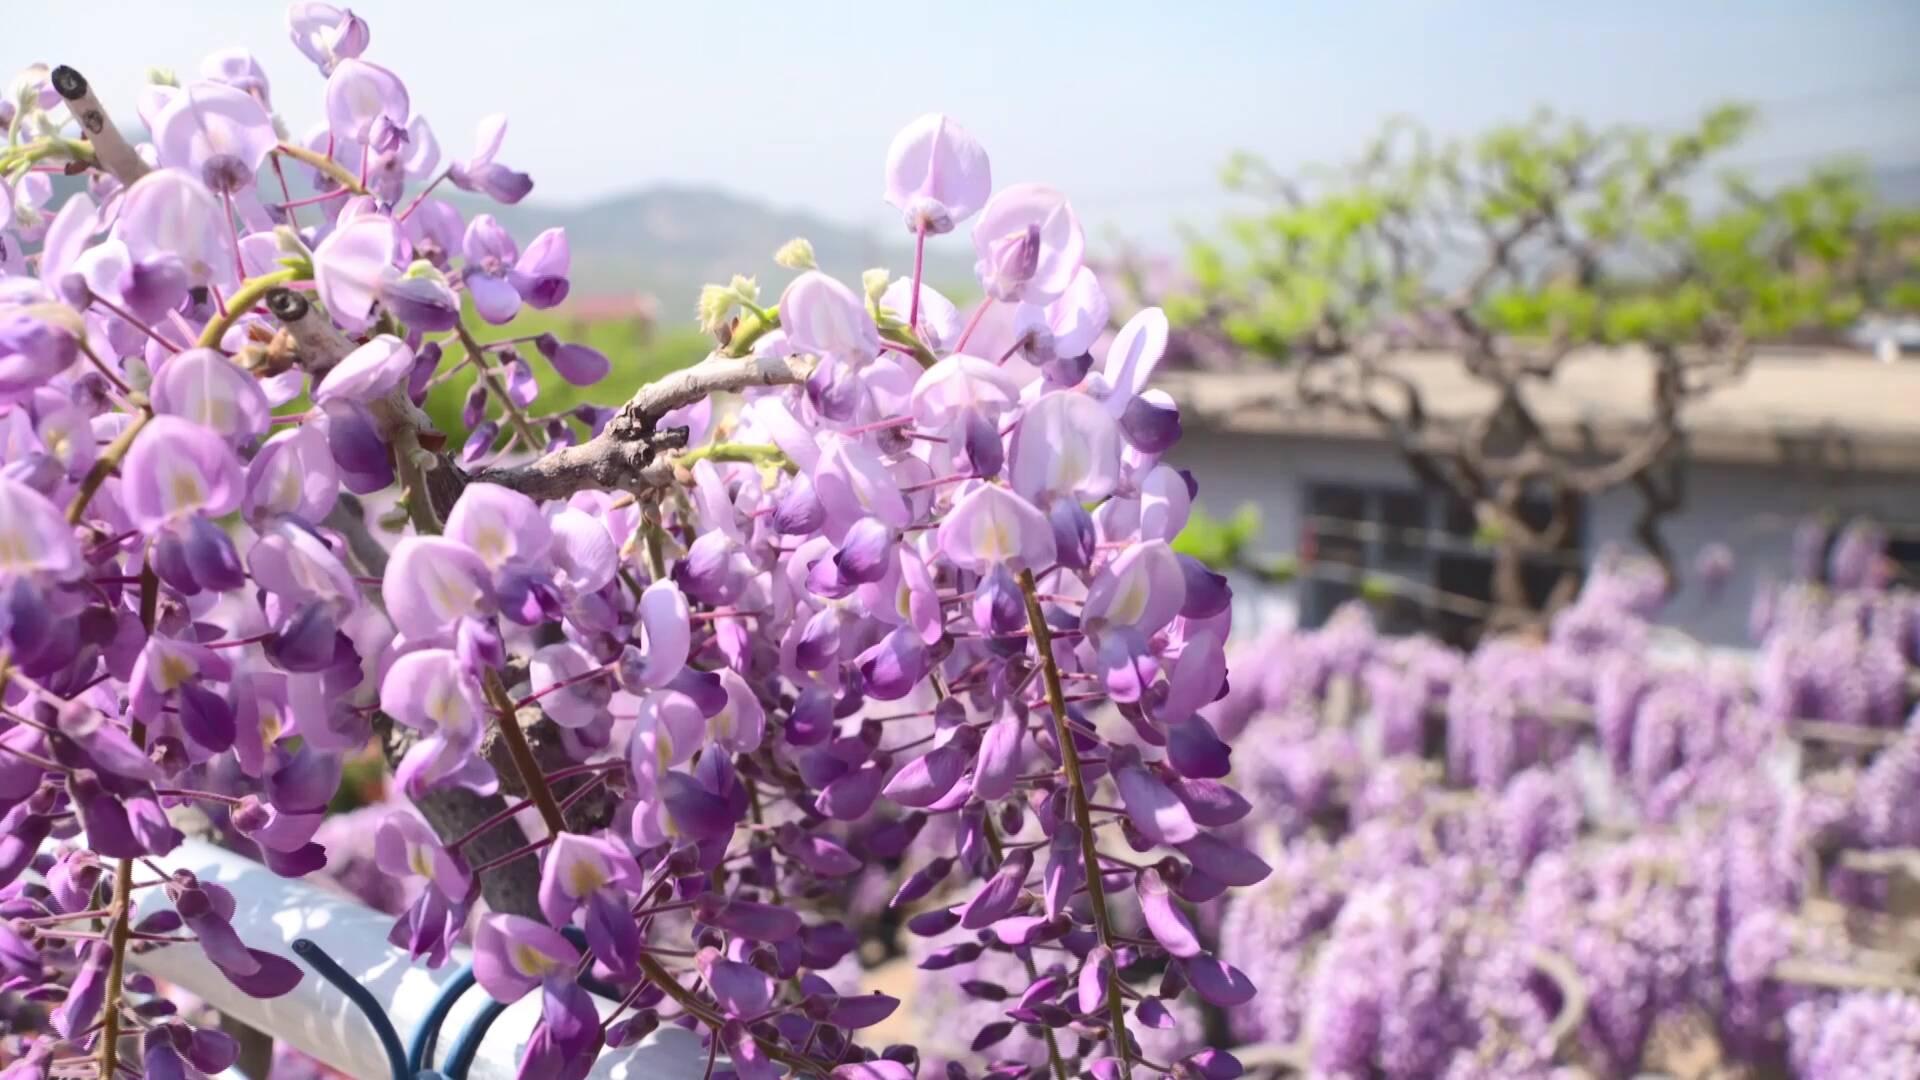 诗画山东|临沂费县:紫藤挂云木,花蔓宜阳春